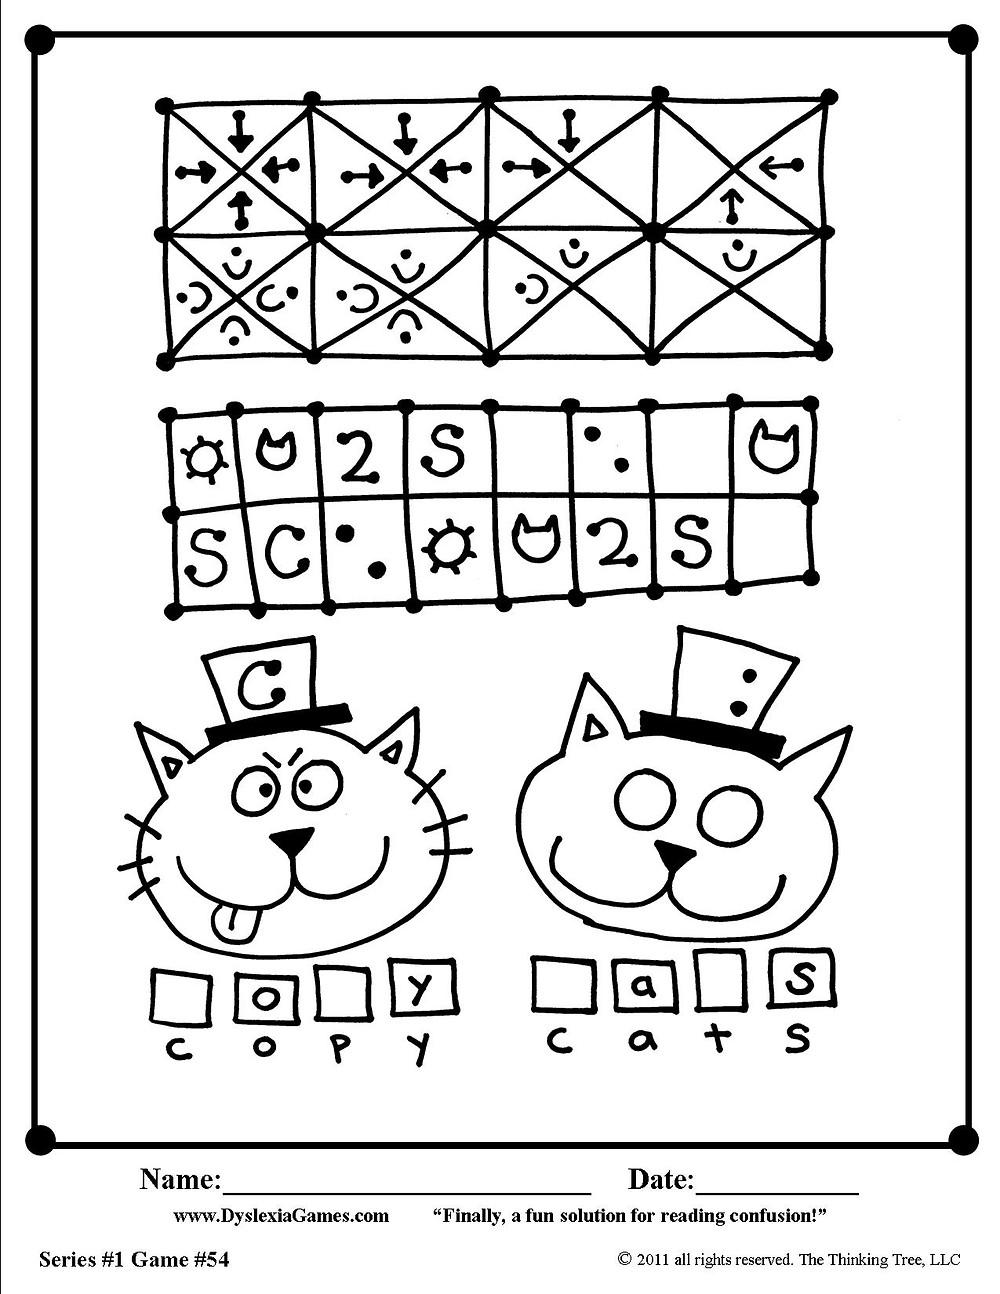 Puzzling Paterns - Series 1 b.jpg